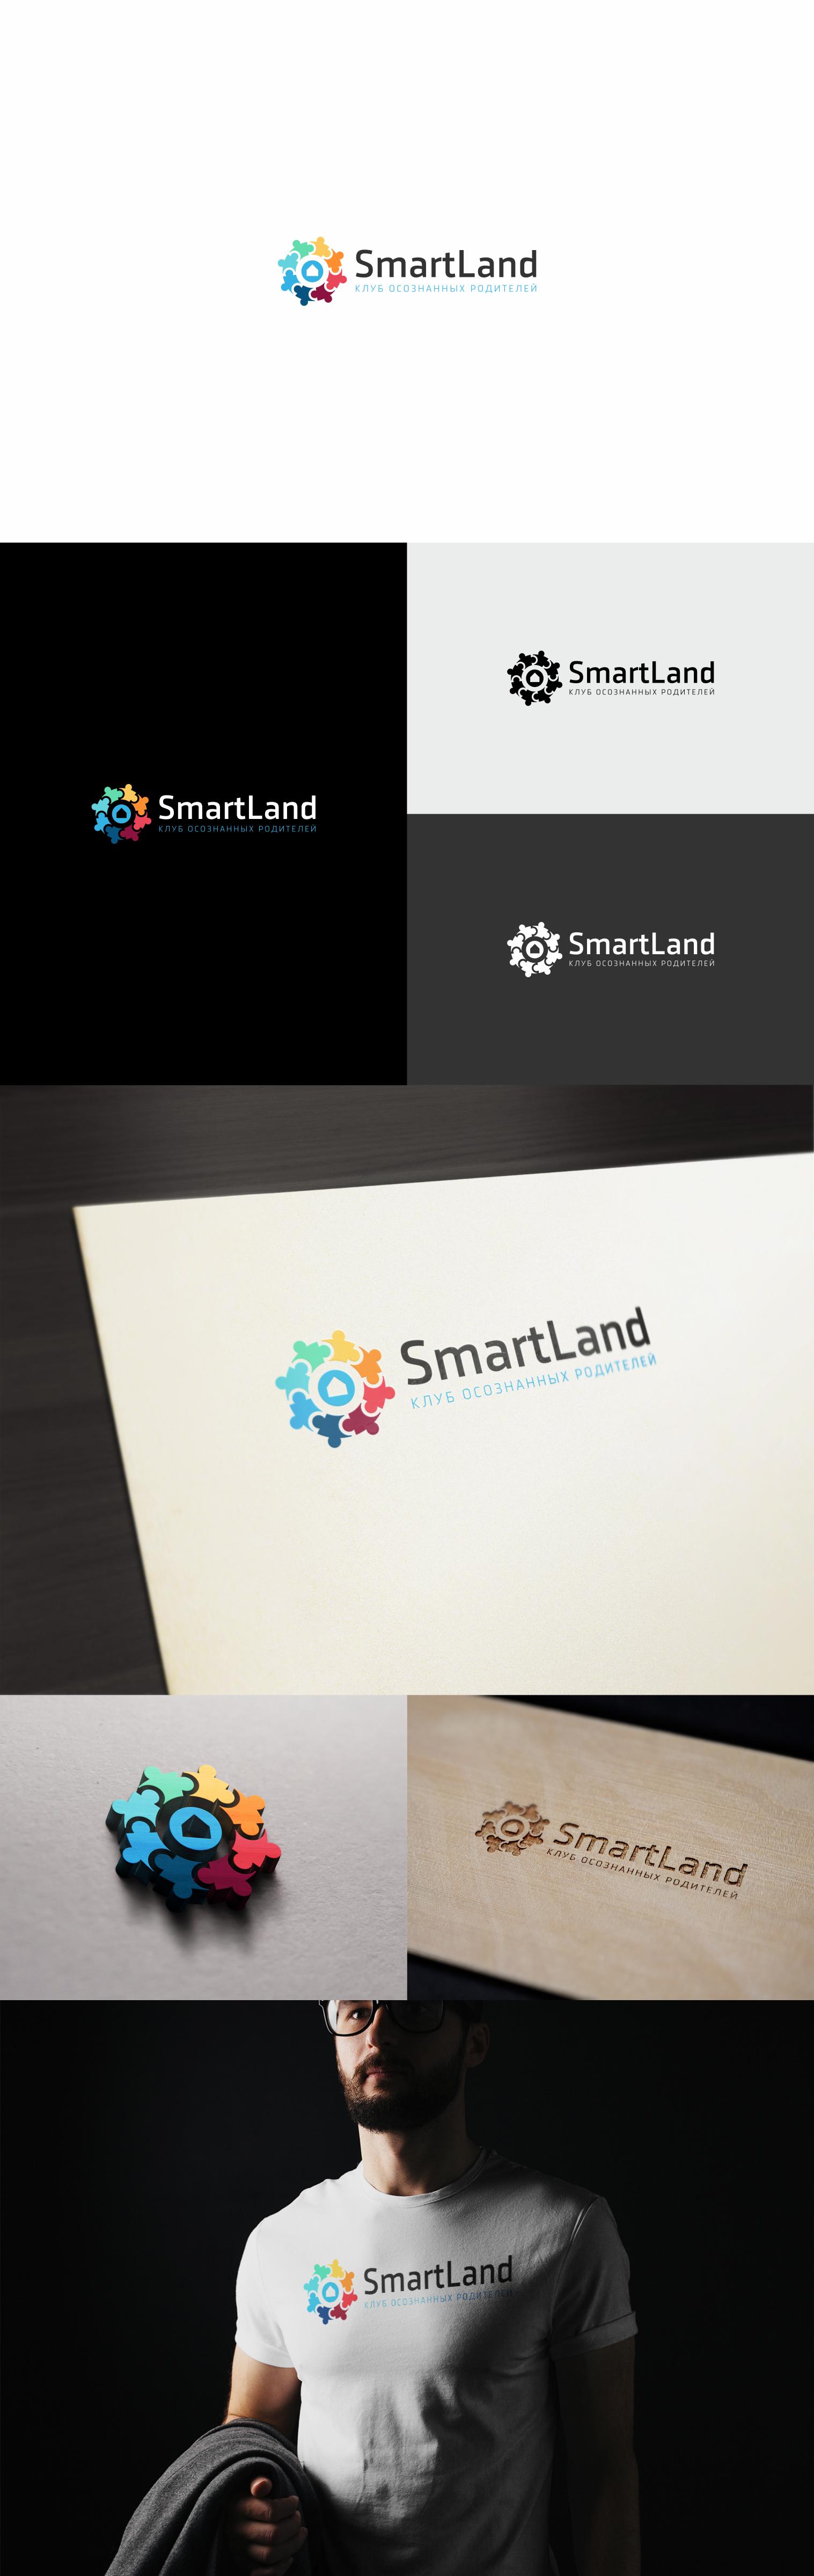 Разработать логотип для детской образовательной платформы фото f_342607dcd2922643.jpg